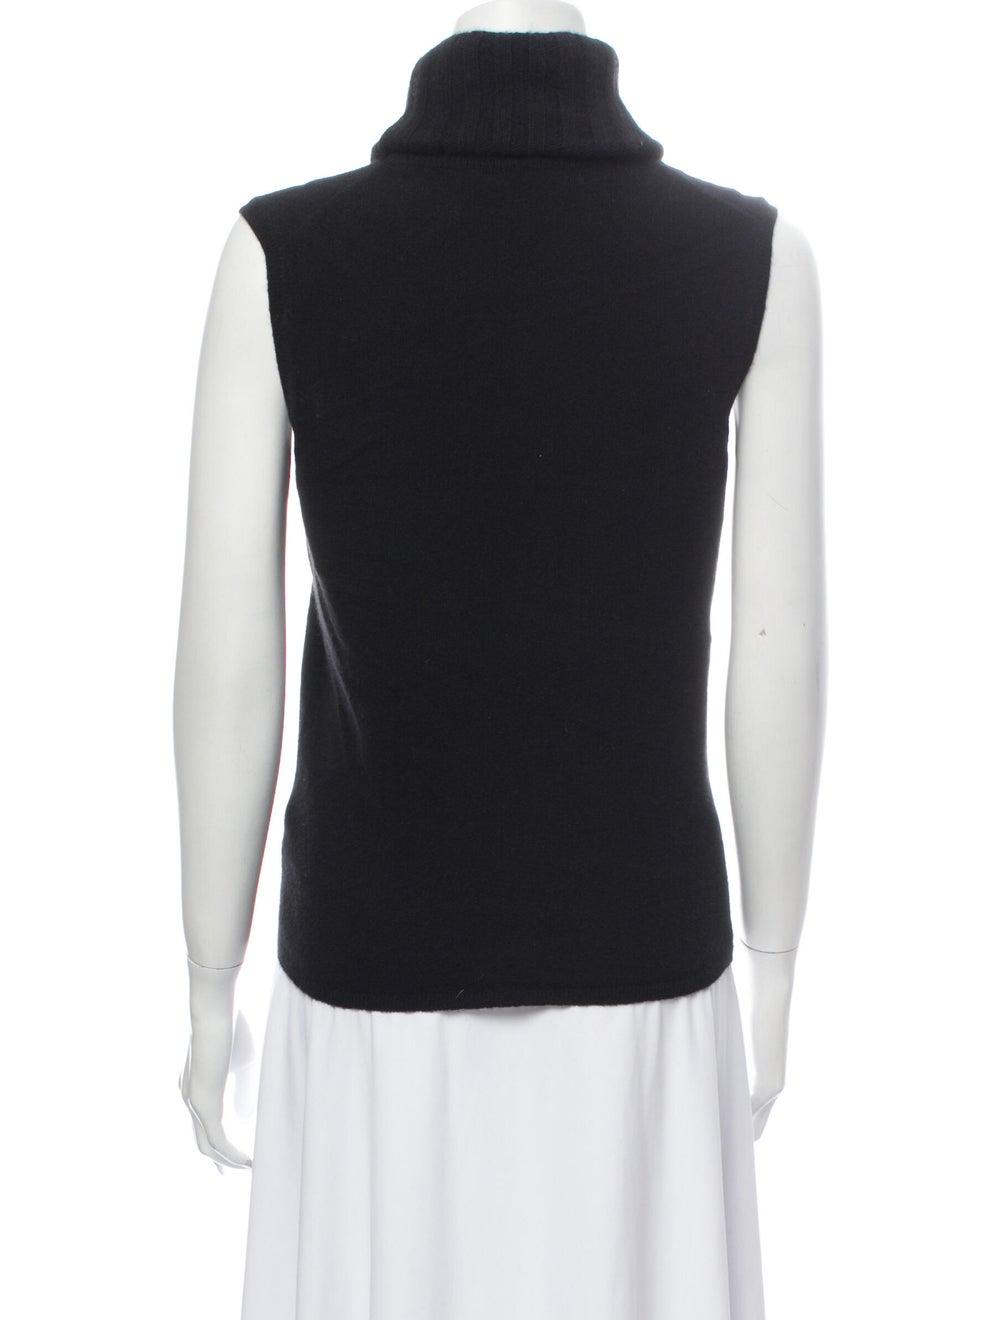 Chanel Vintage 2001 Sweater Black - image 3